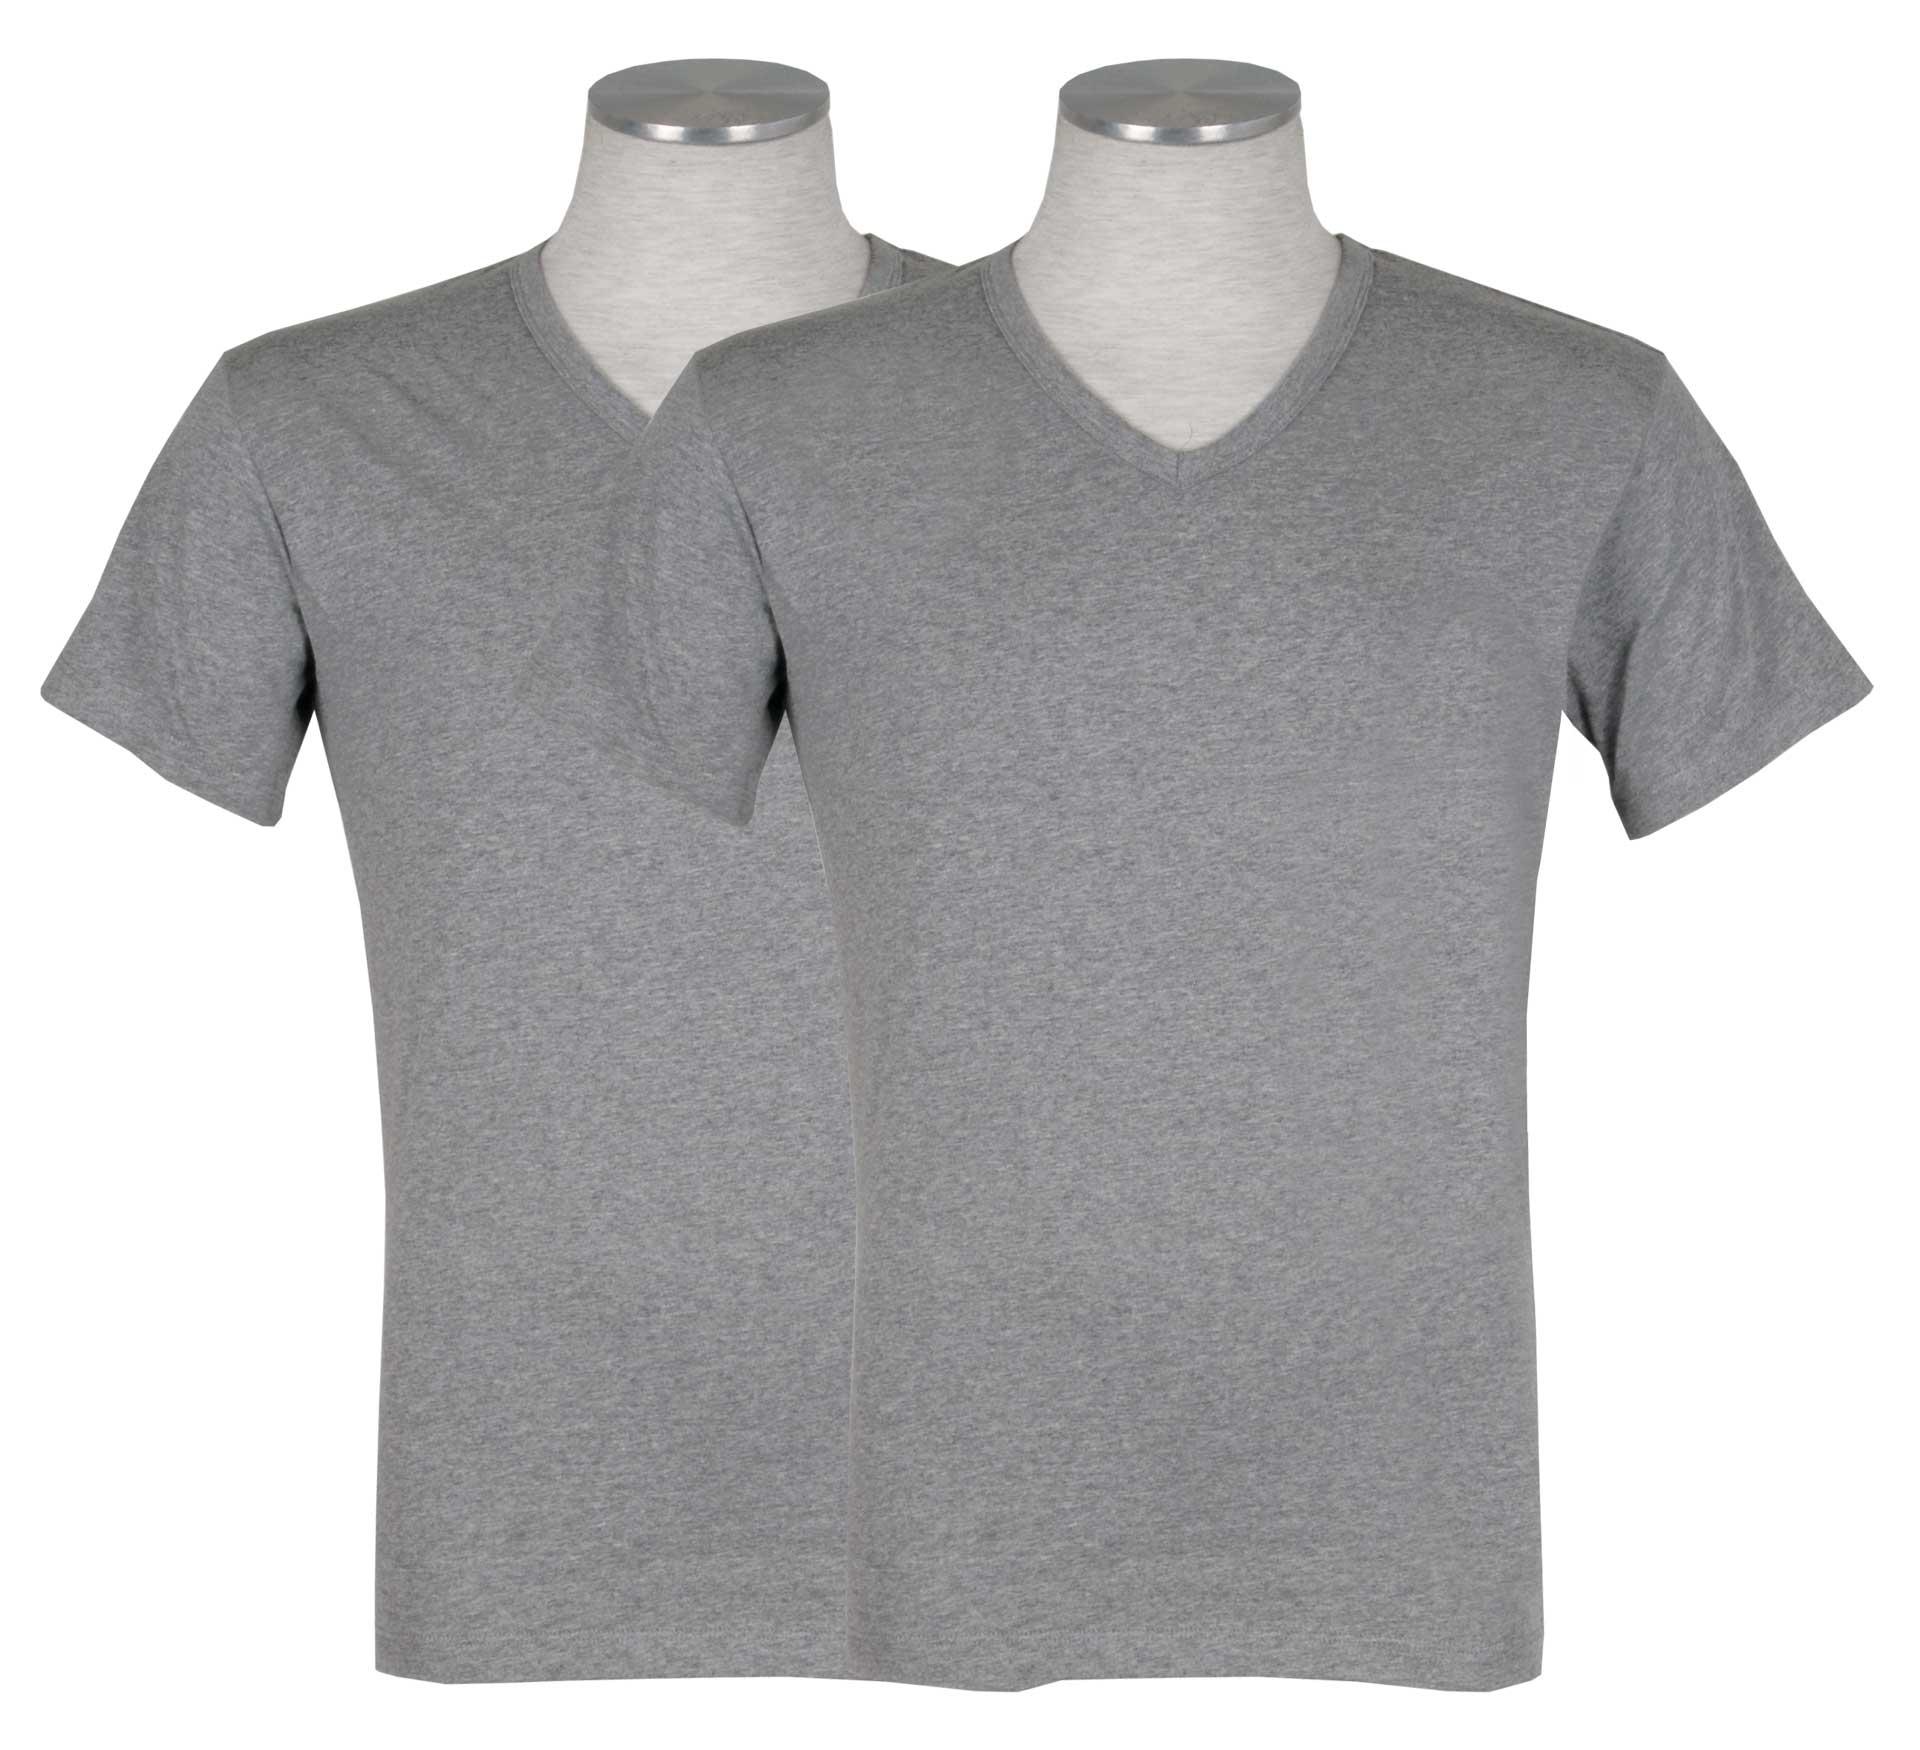 Puma 2-pack V-Neck T-shirt Grijs-S